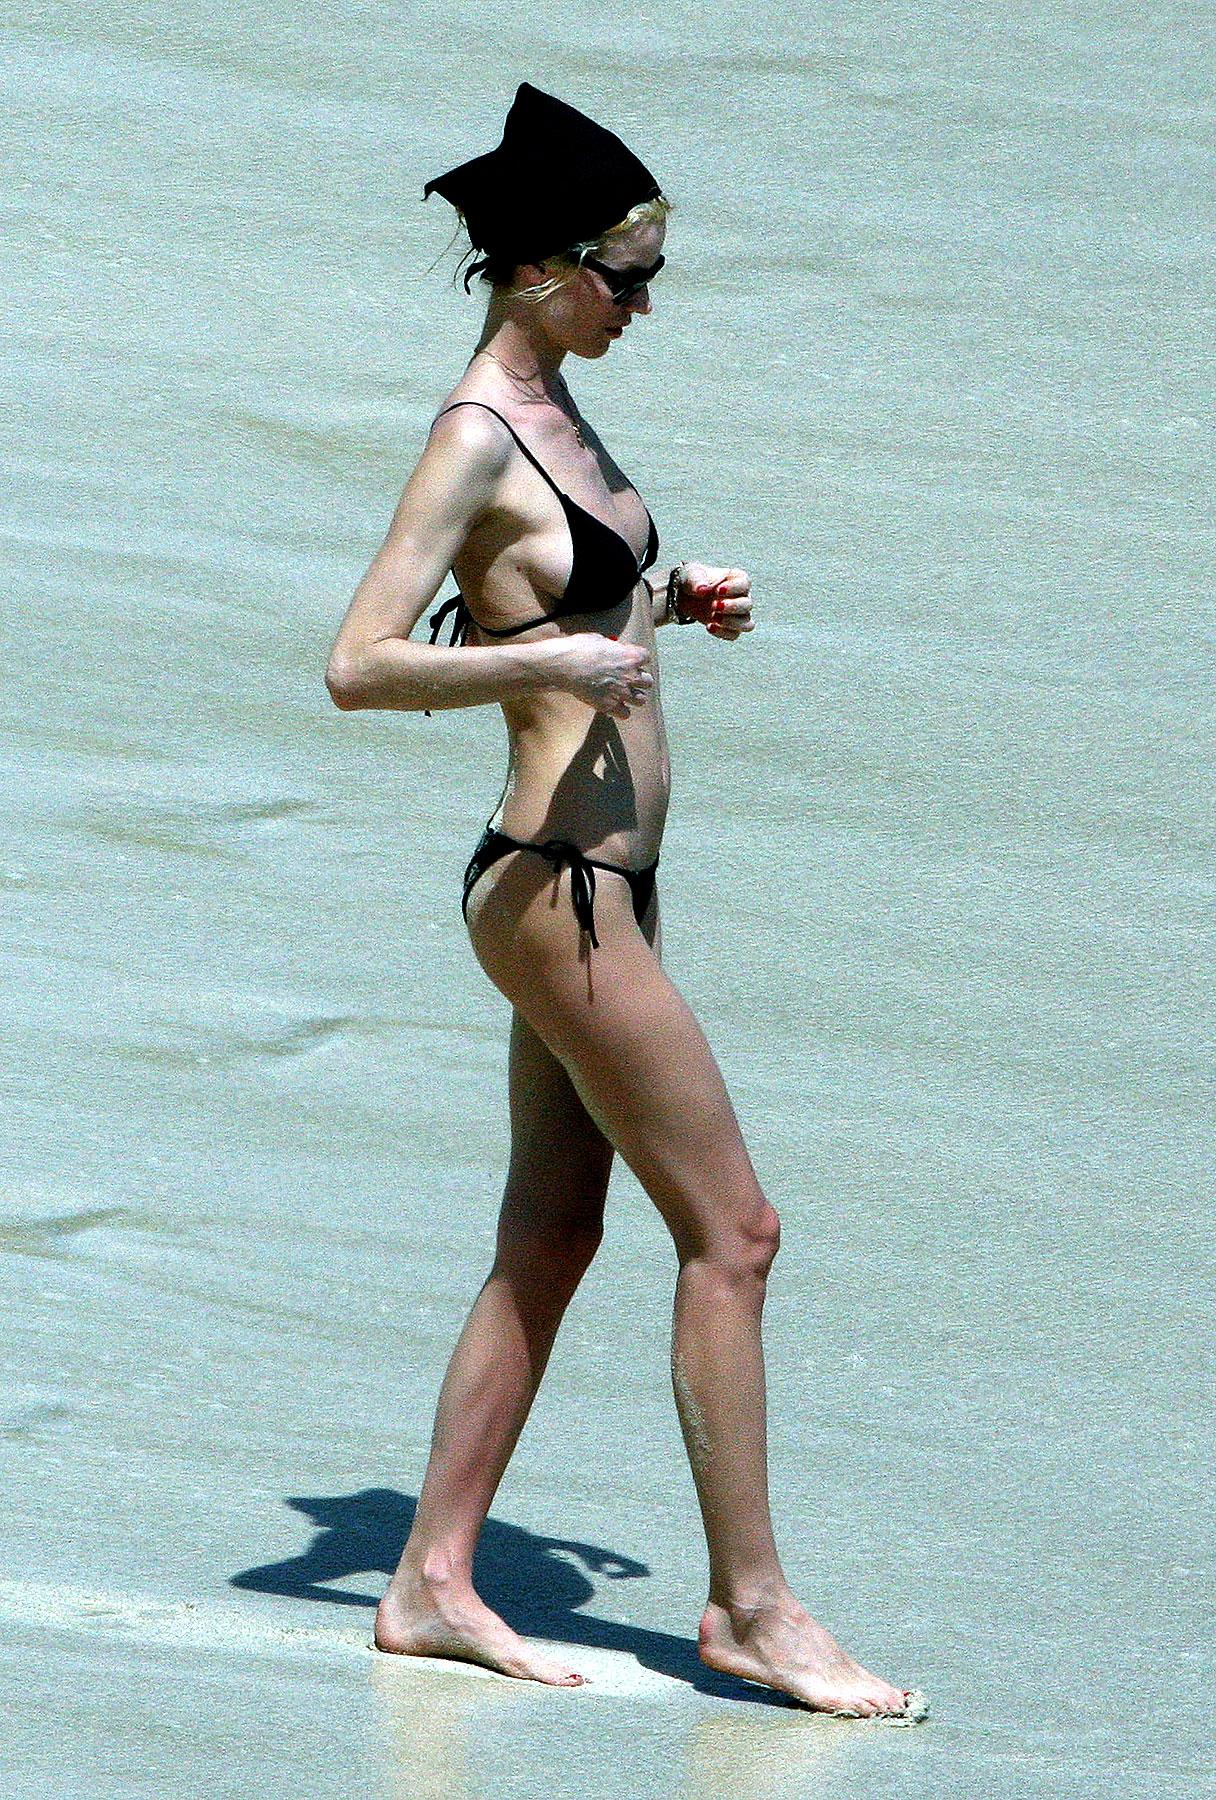 Eva Herzigova: The Real Skinny